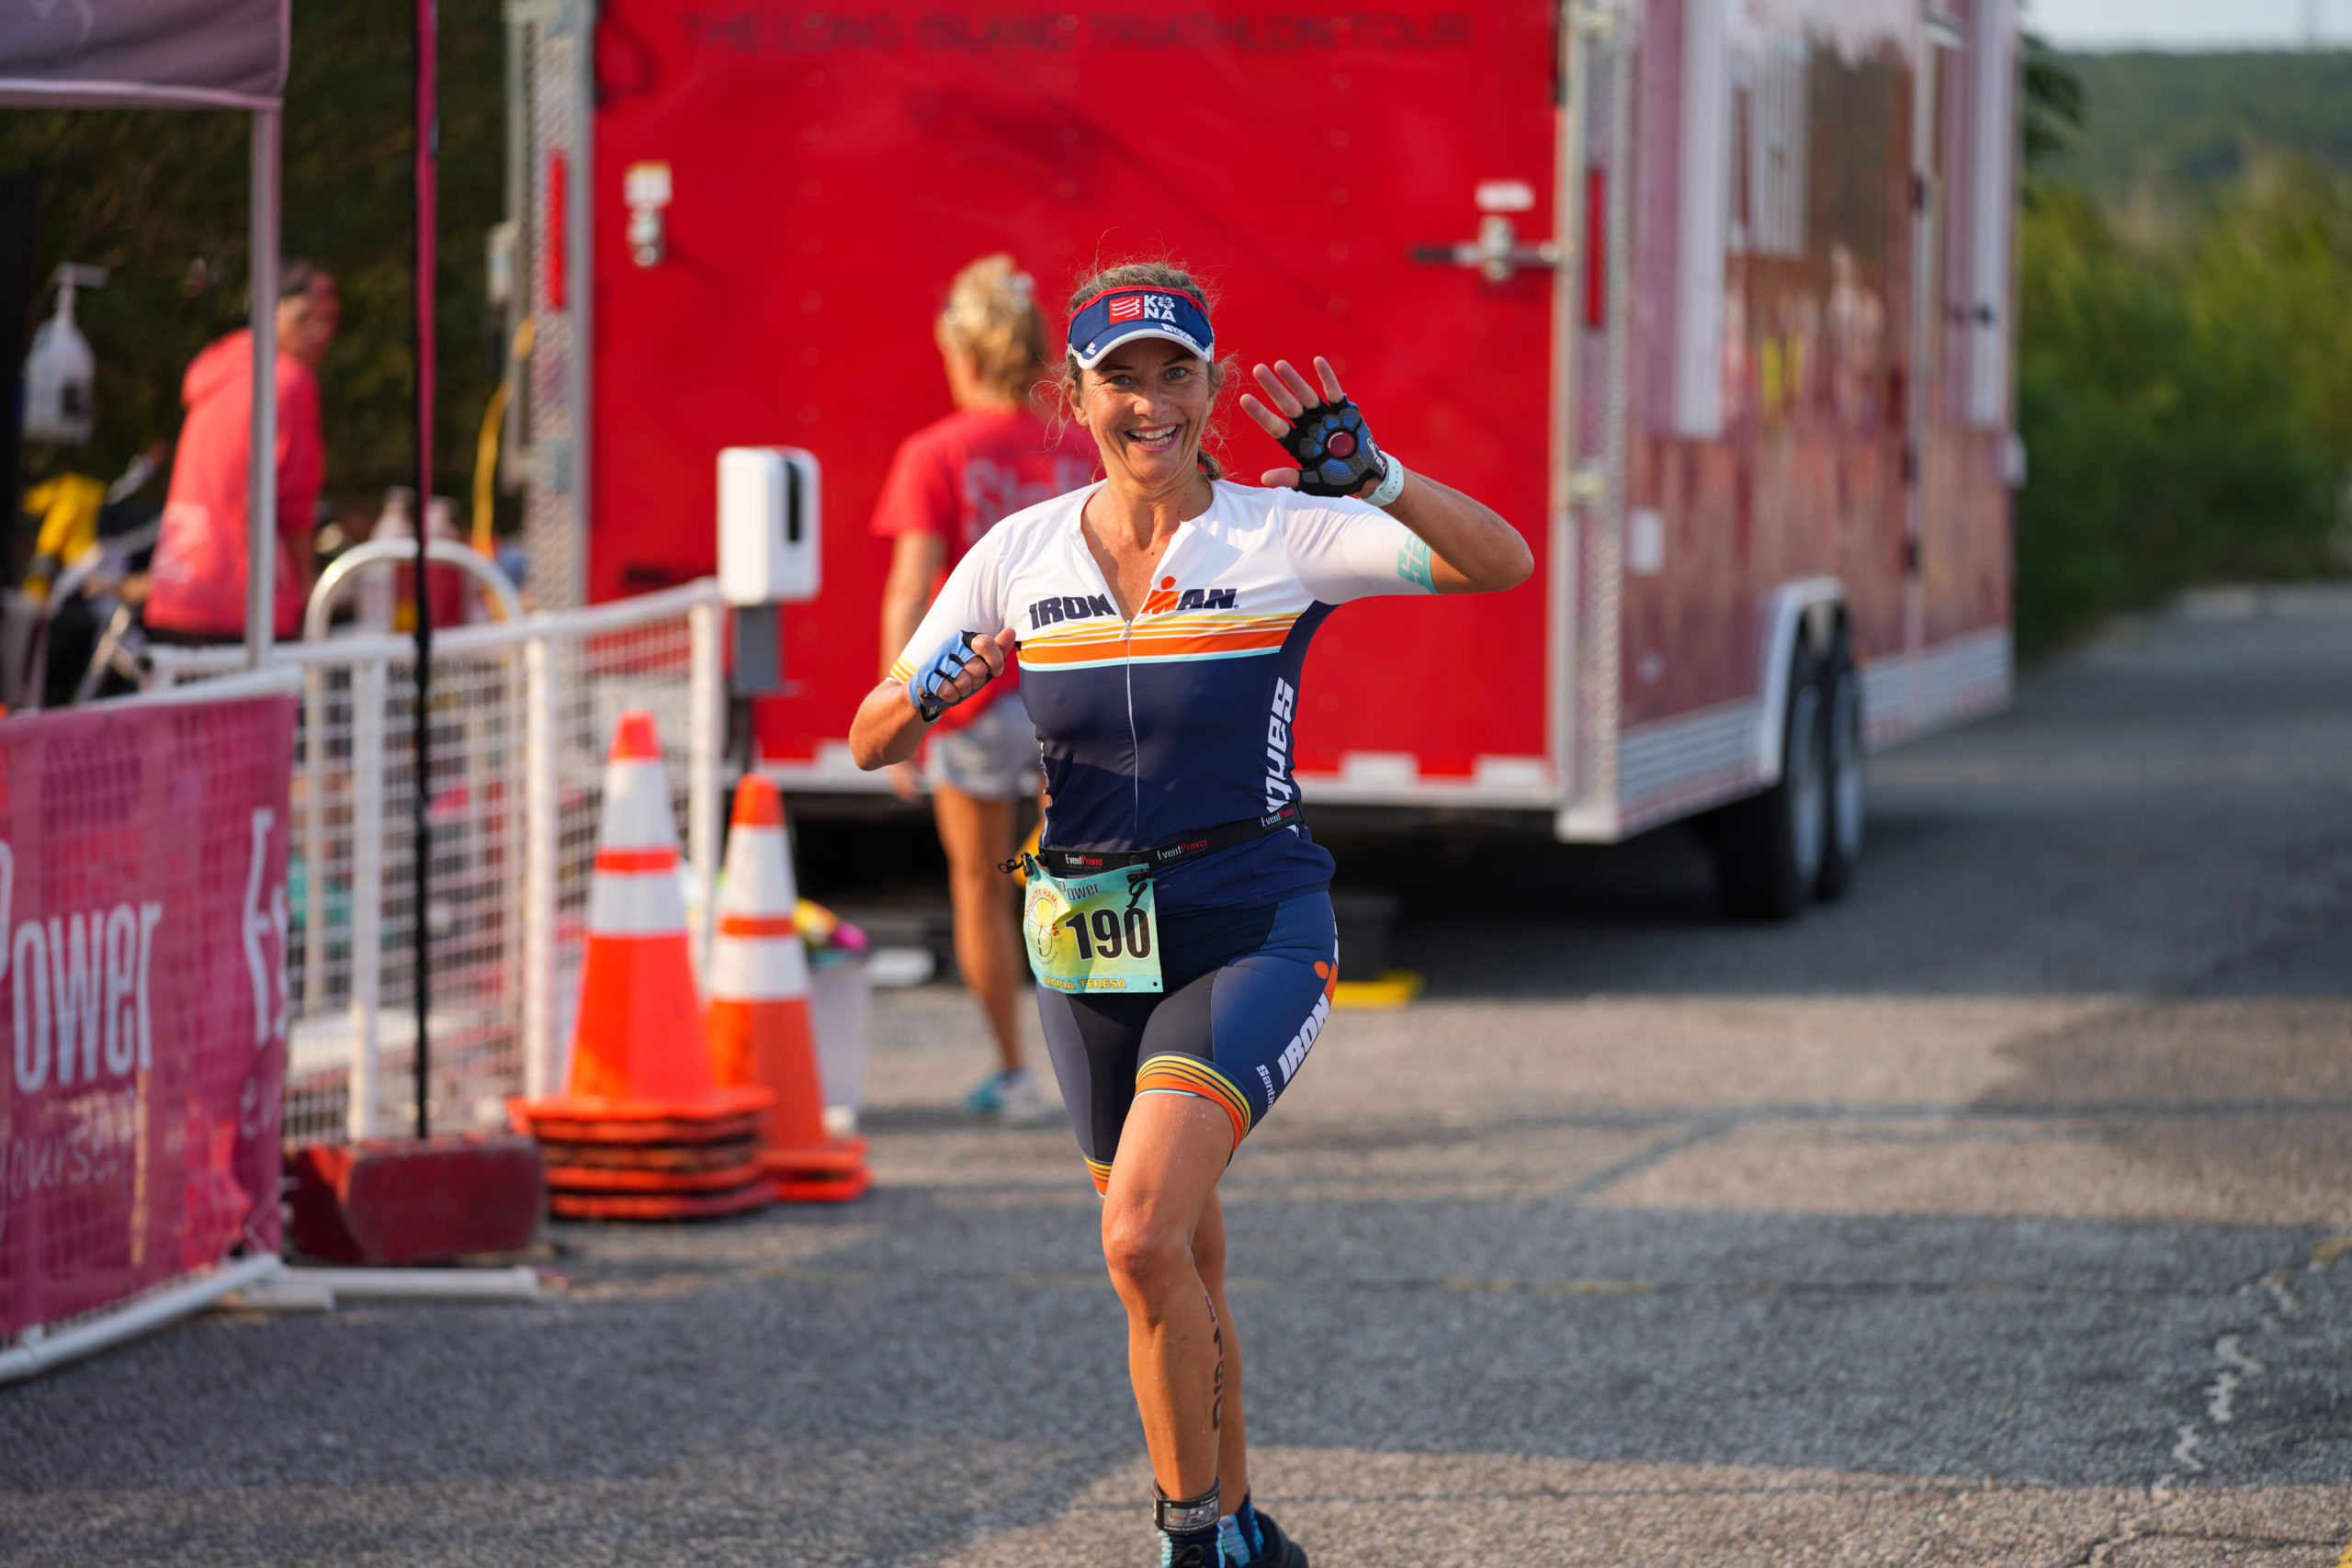 Maria Teresa Abbadessa heads toward the finish line.